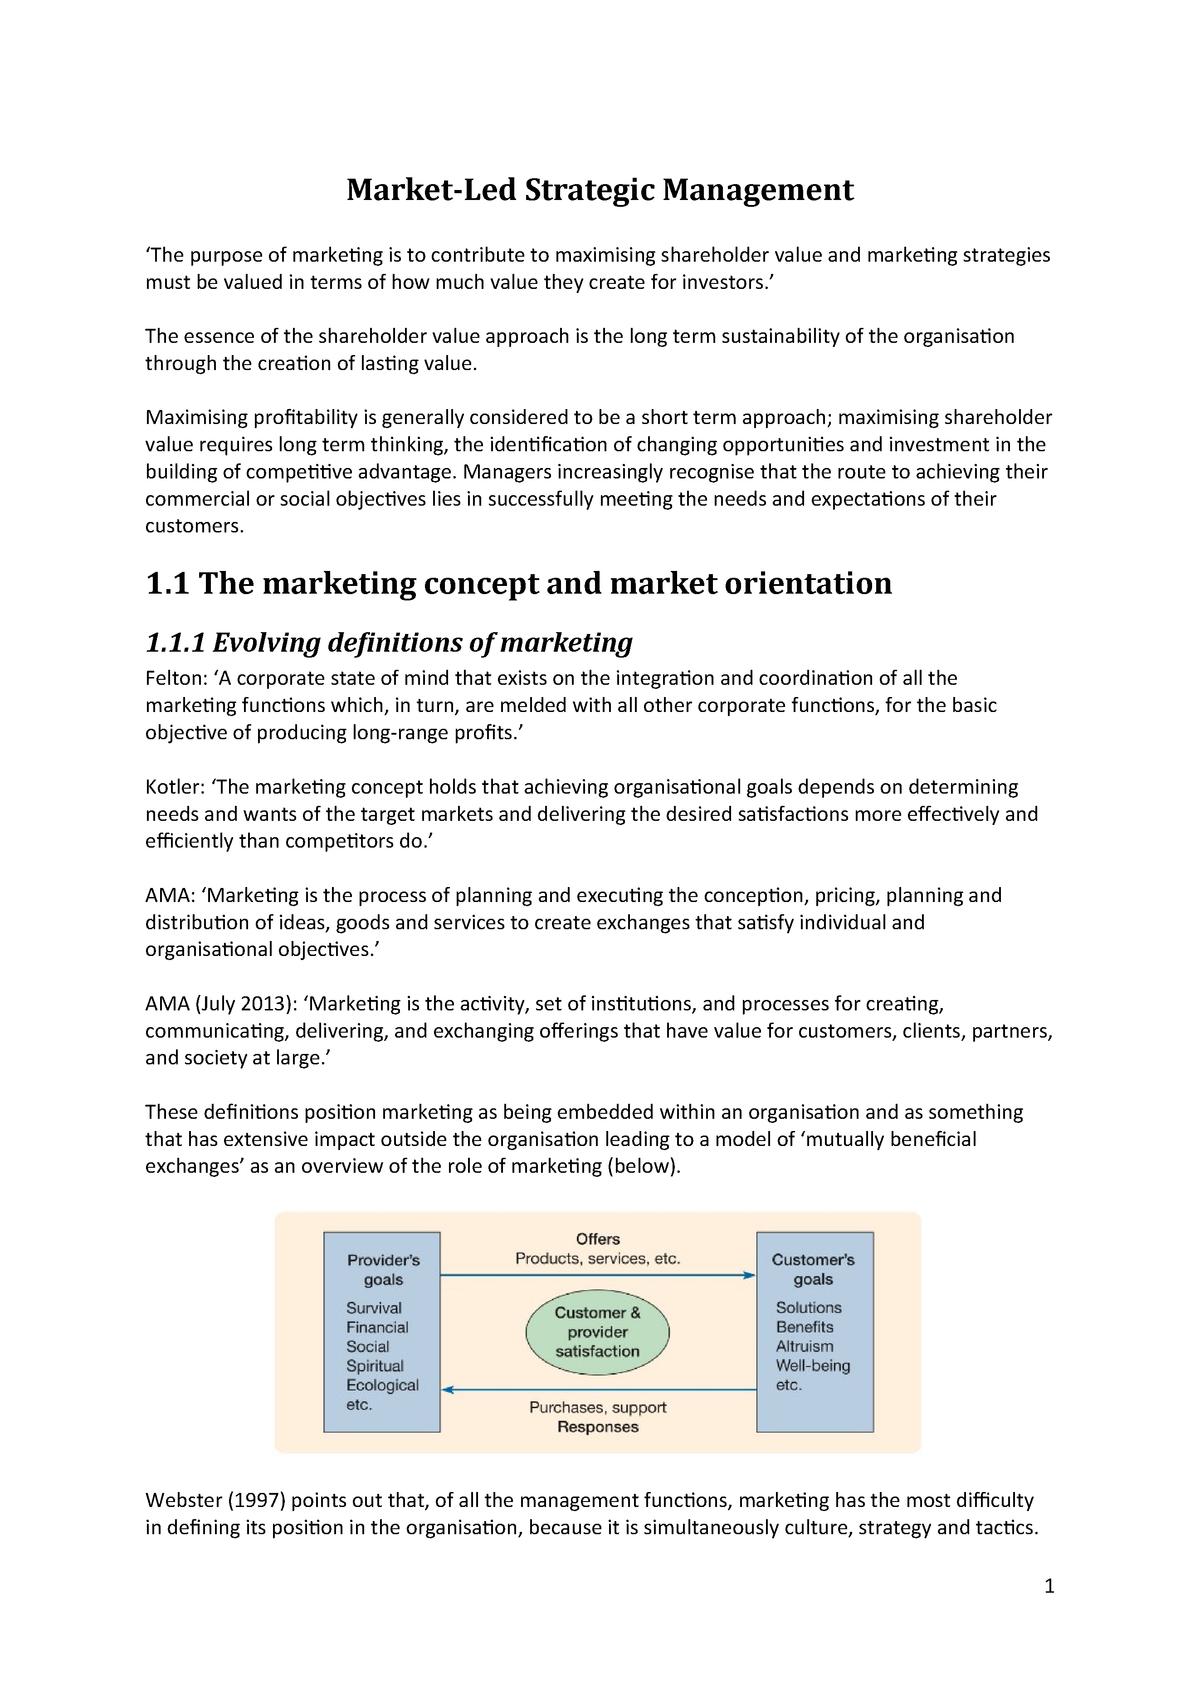 Chapter 1 - Market led Strategic Management - - Aston - StuDocu